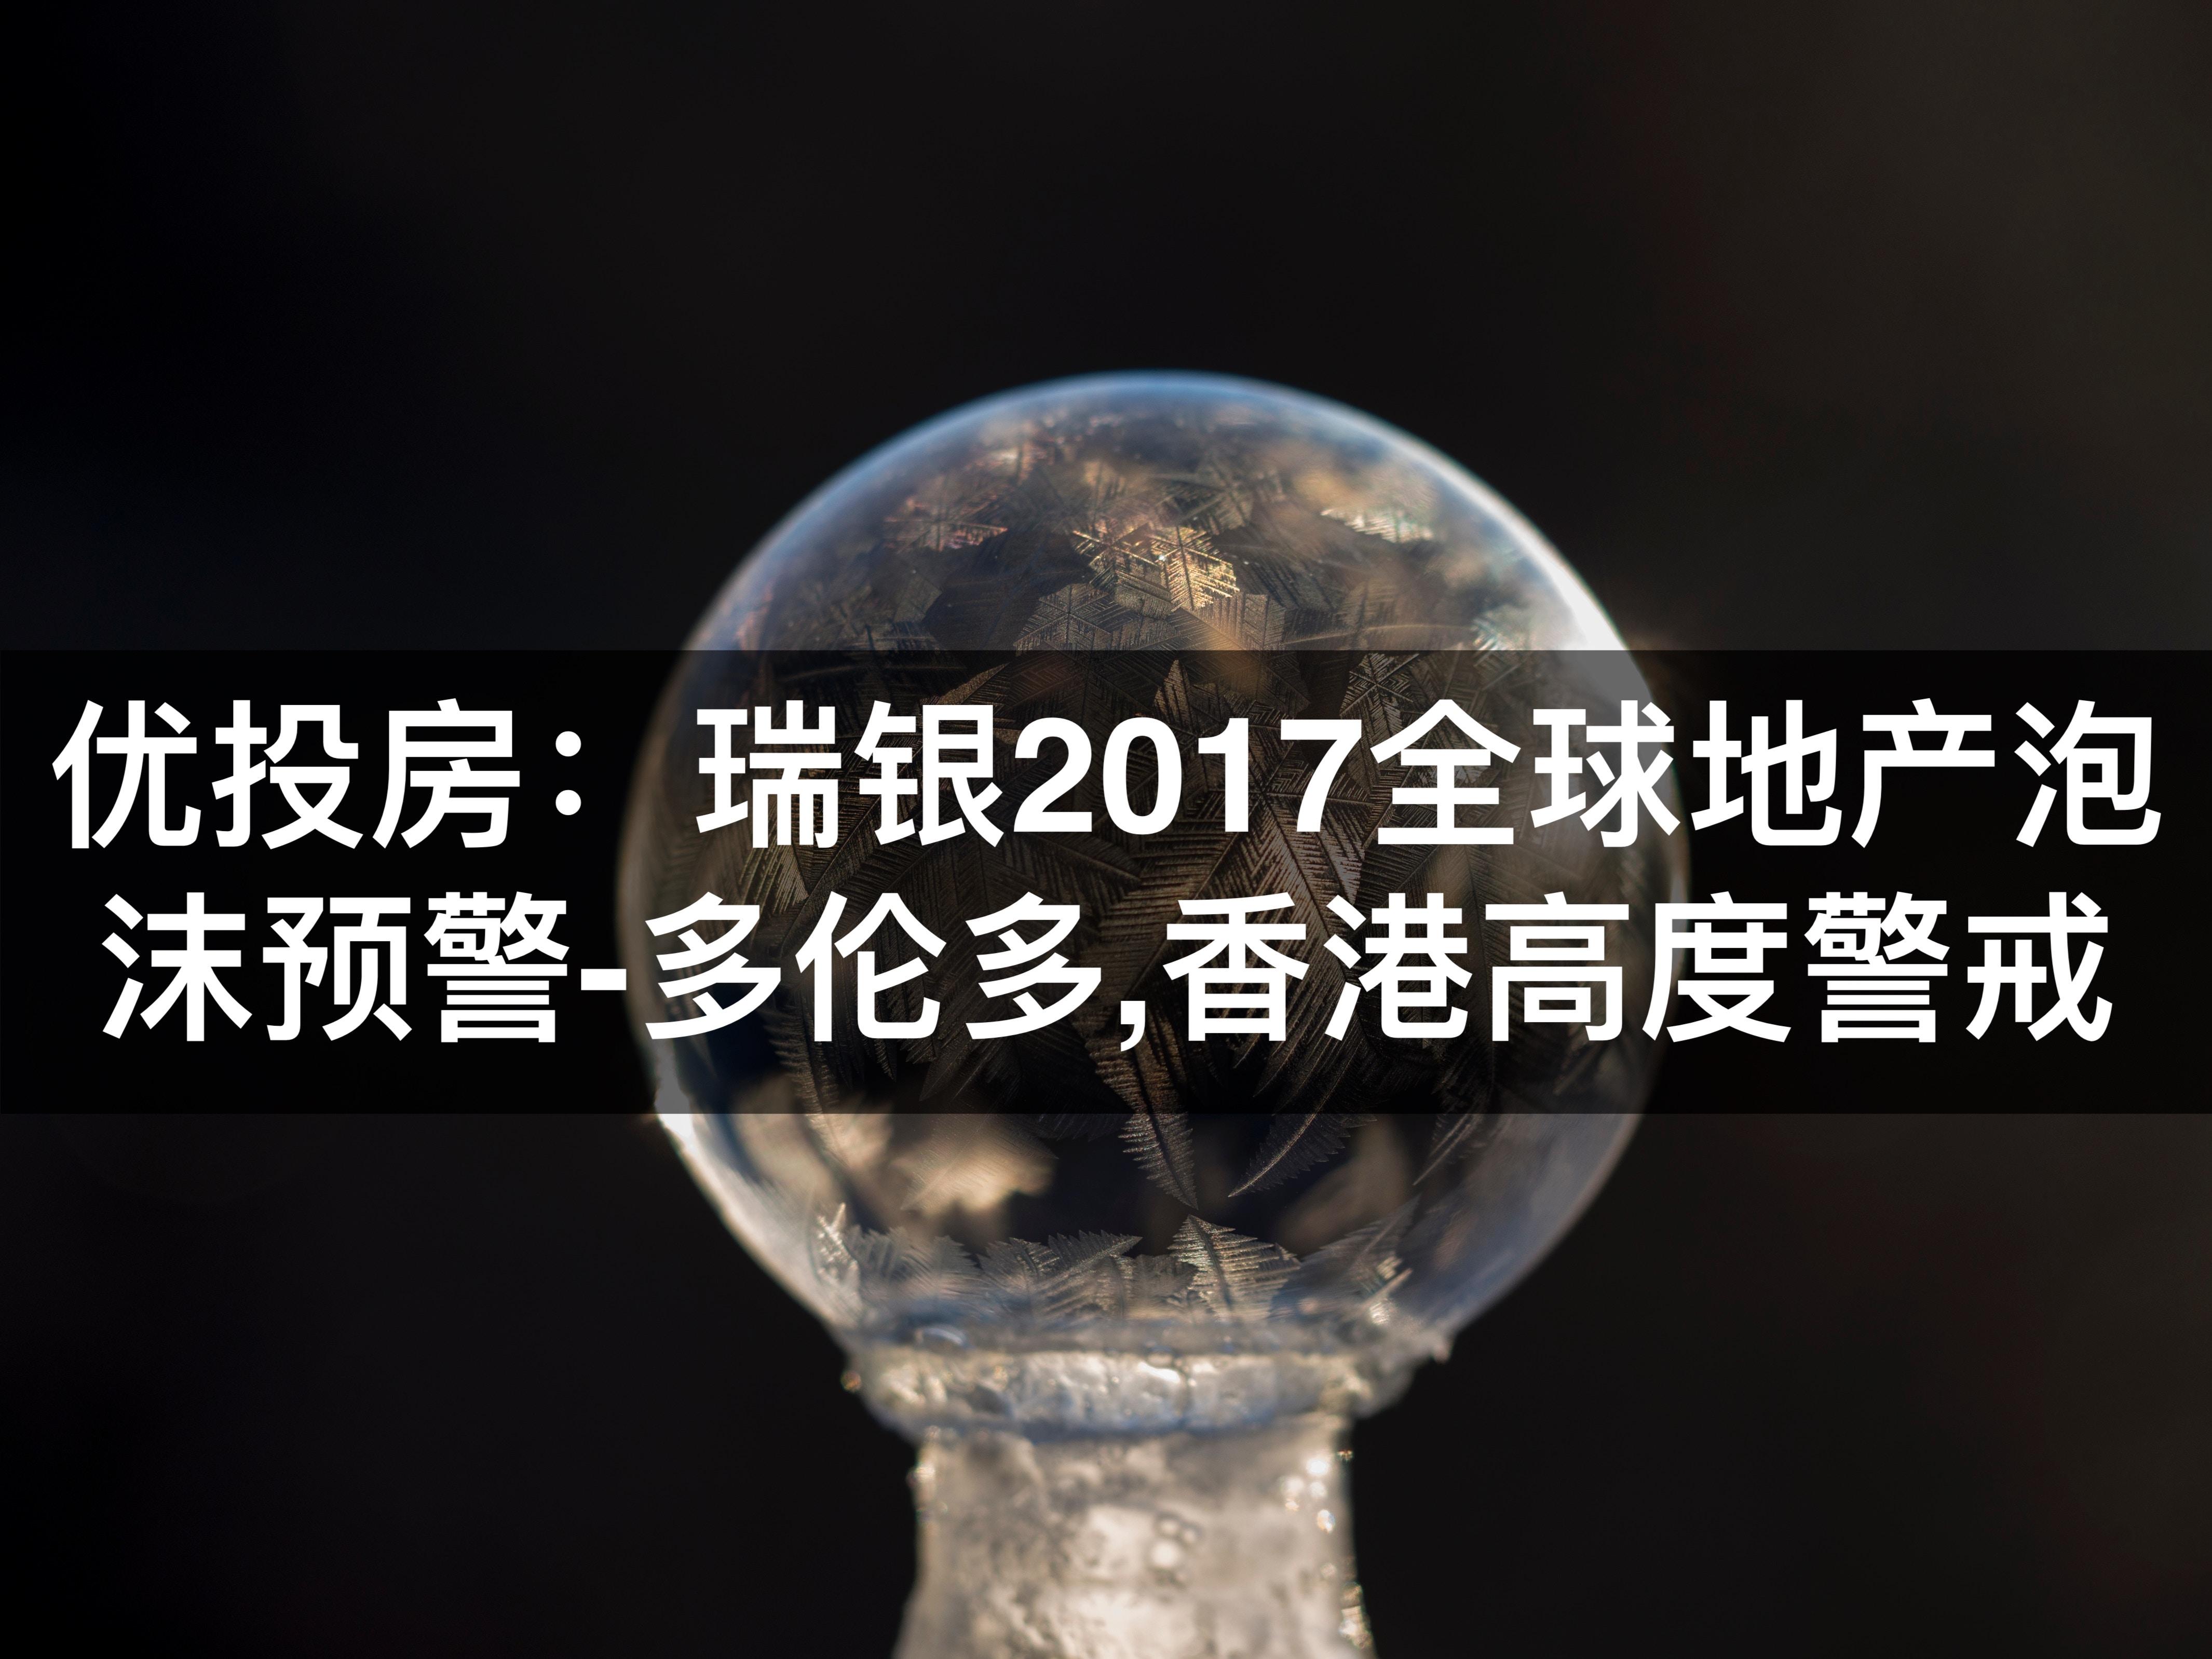 瑞银2017全球地产泡沫预警:多伦多,香港高度警戒